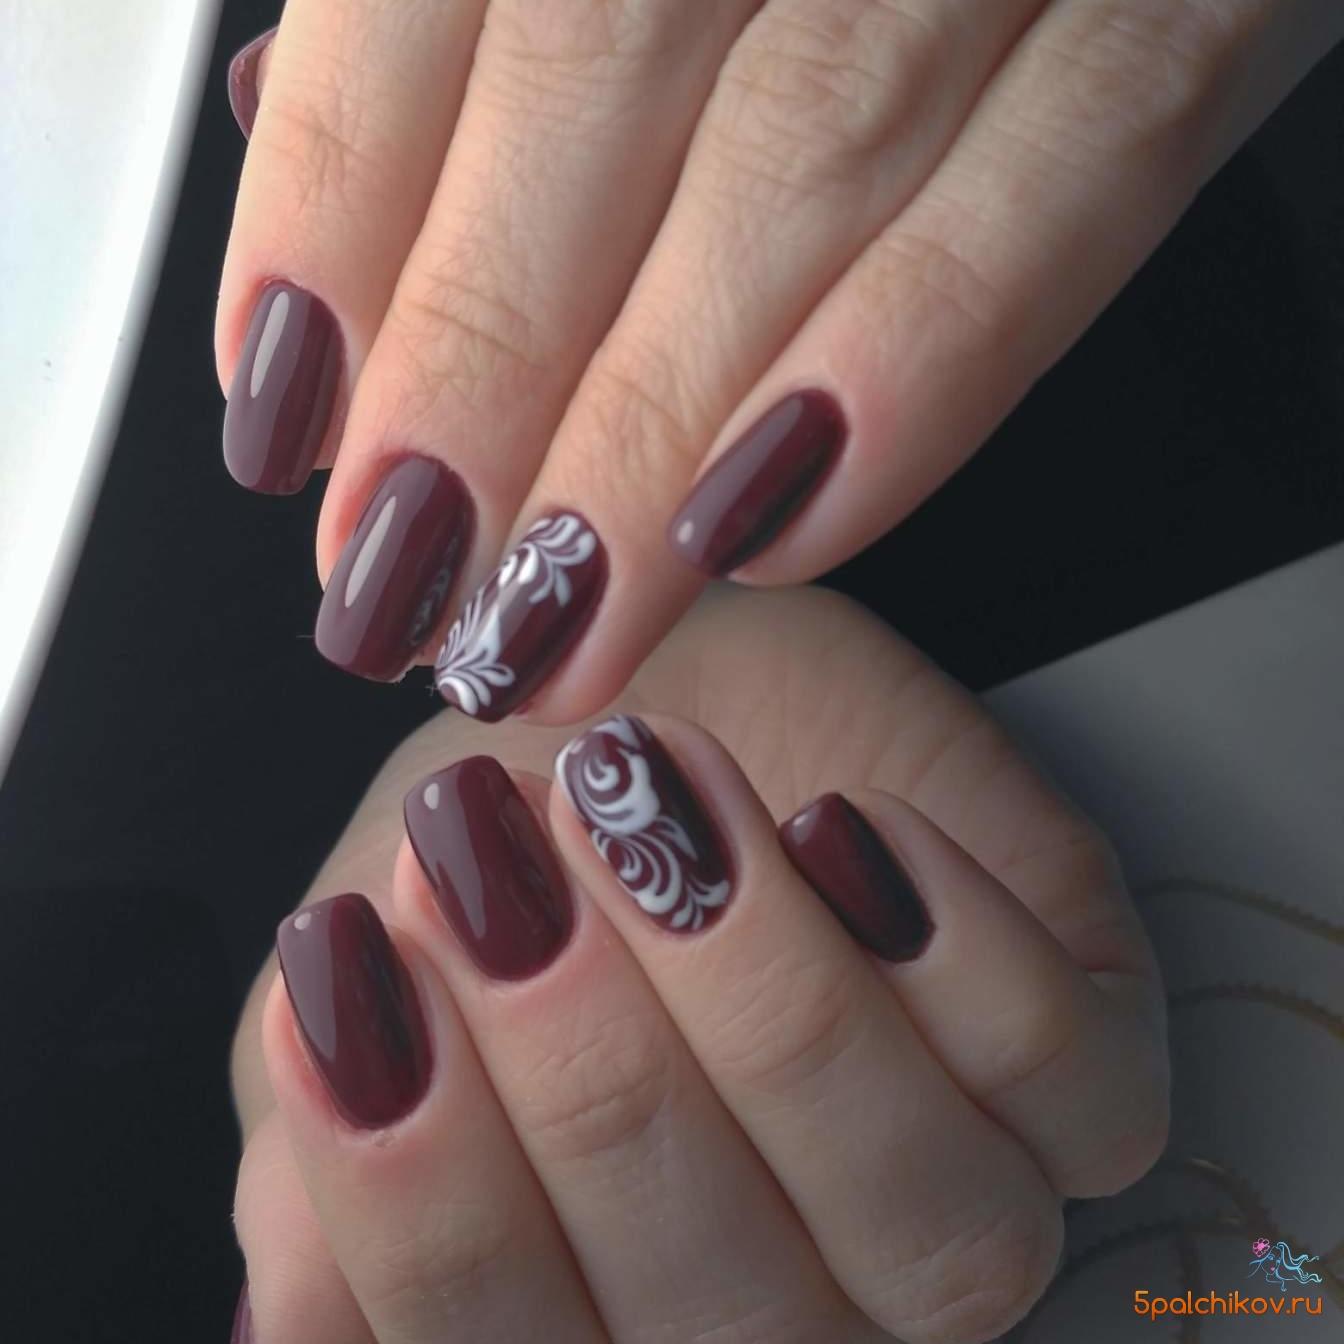 Бордовый дизайн ногтей с вензелями - фото дизайна ногтей